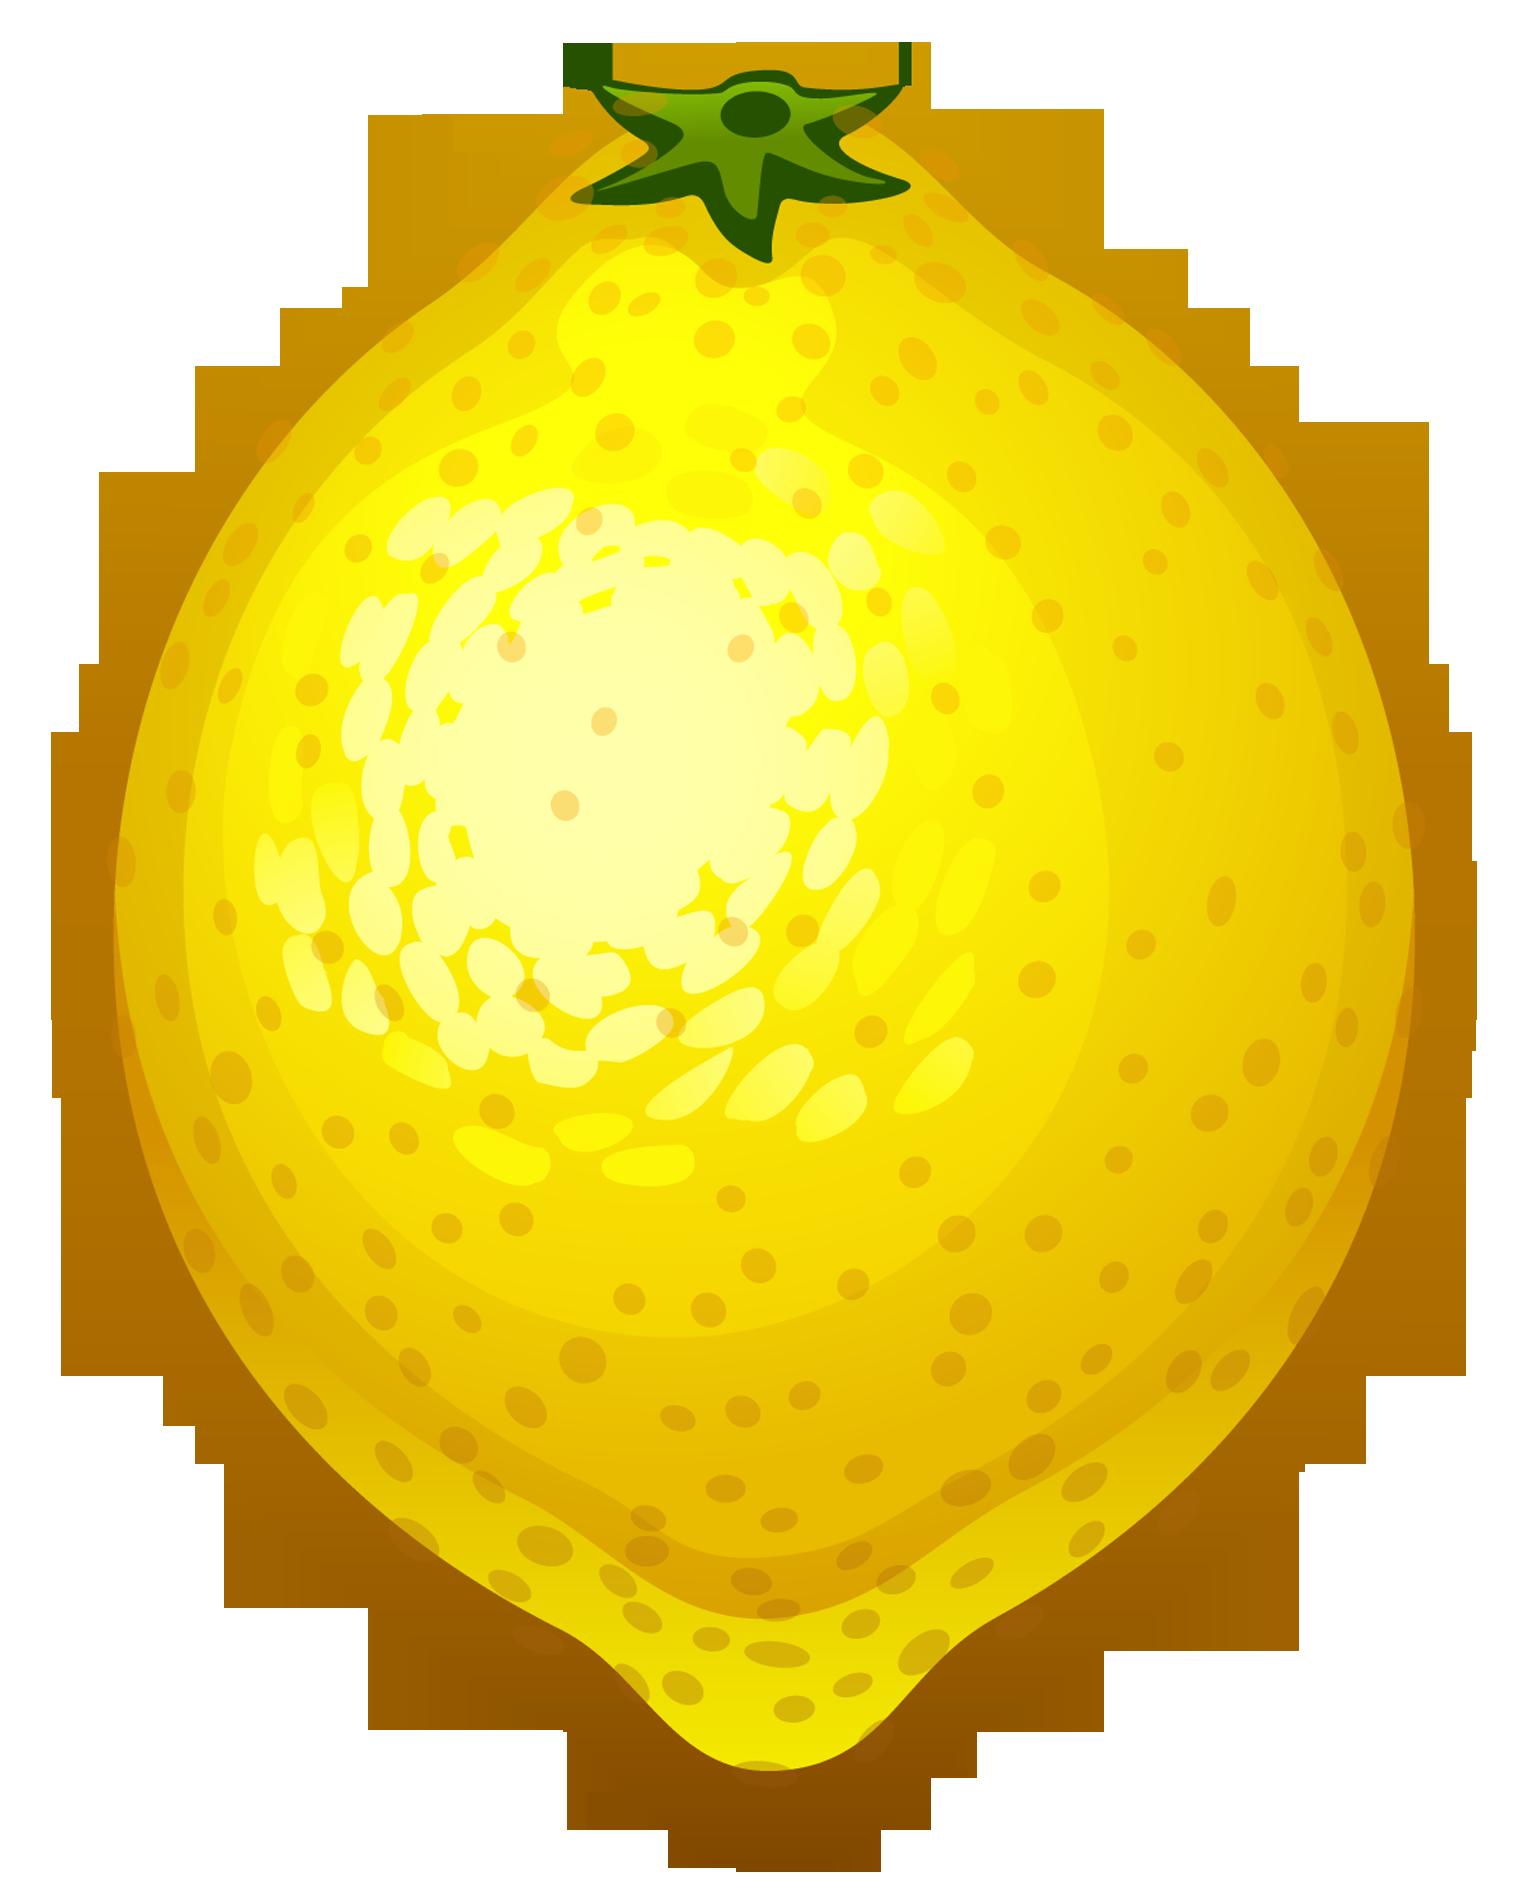 Lemon pictures clip art images 2